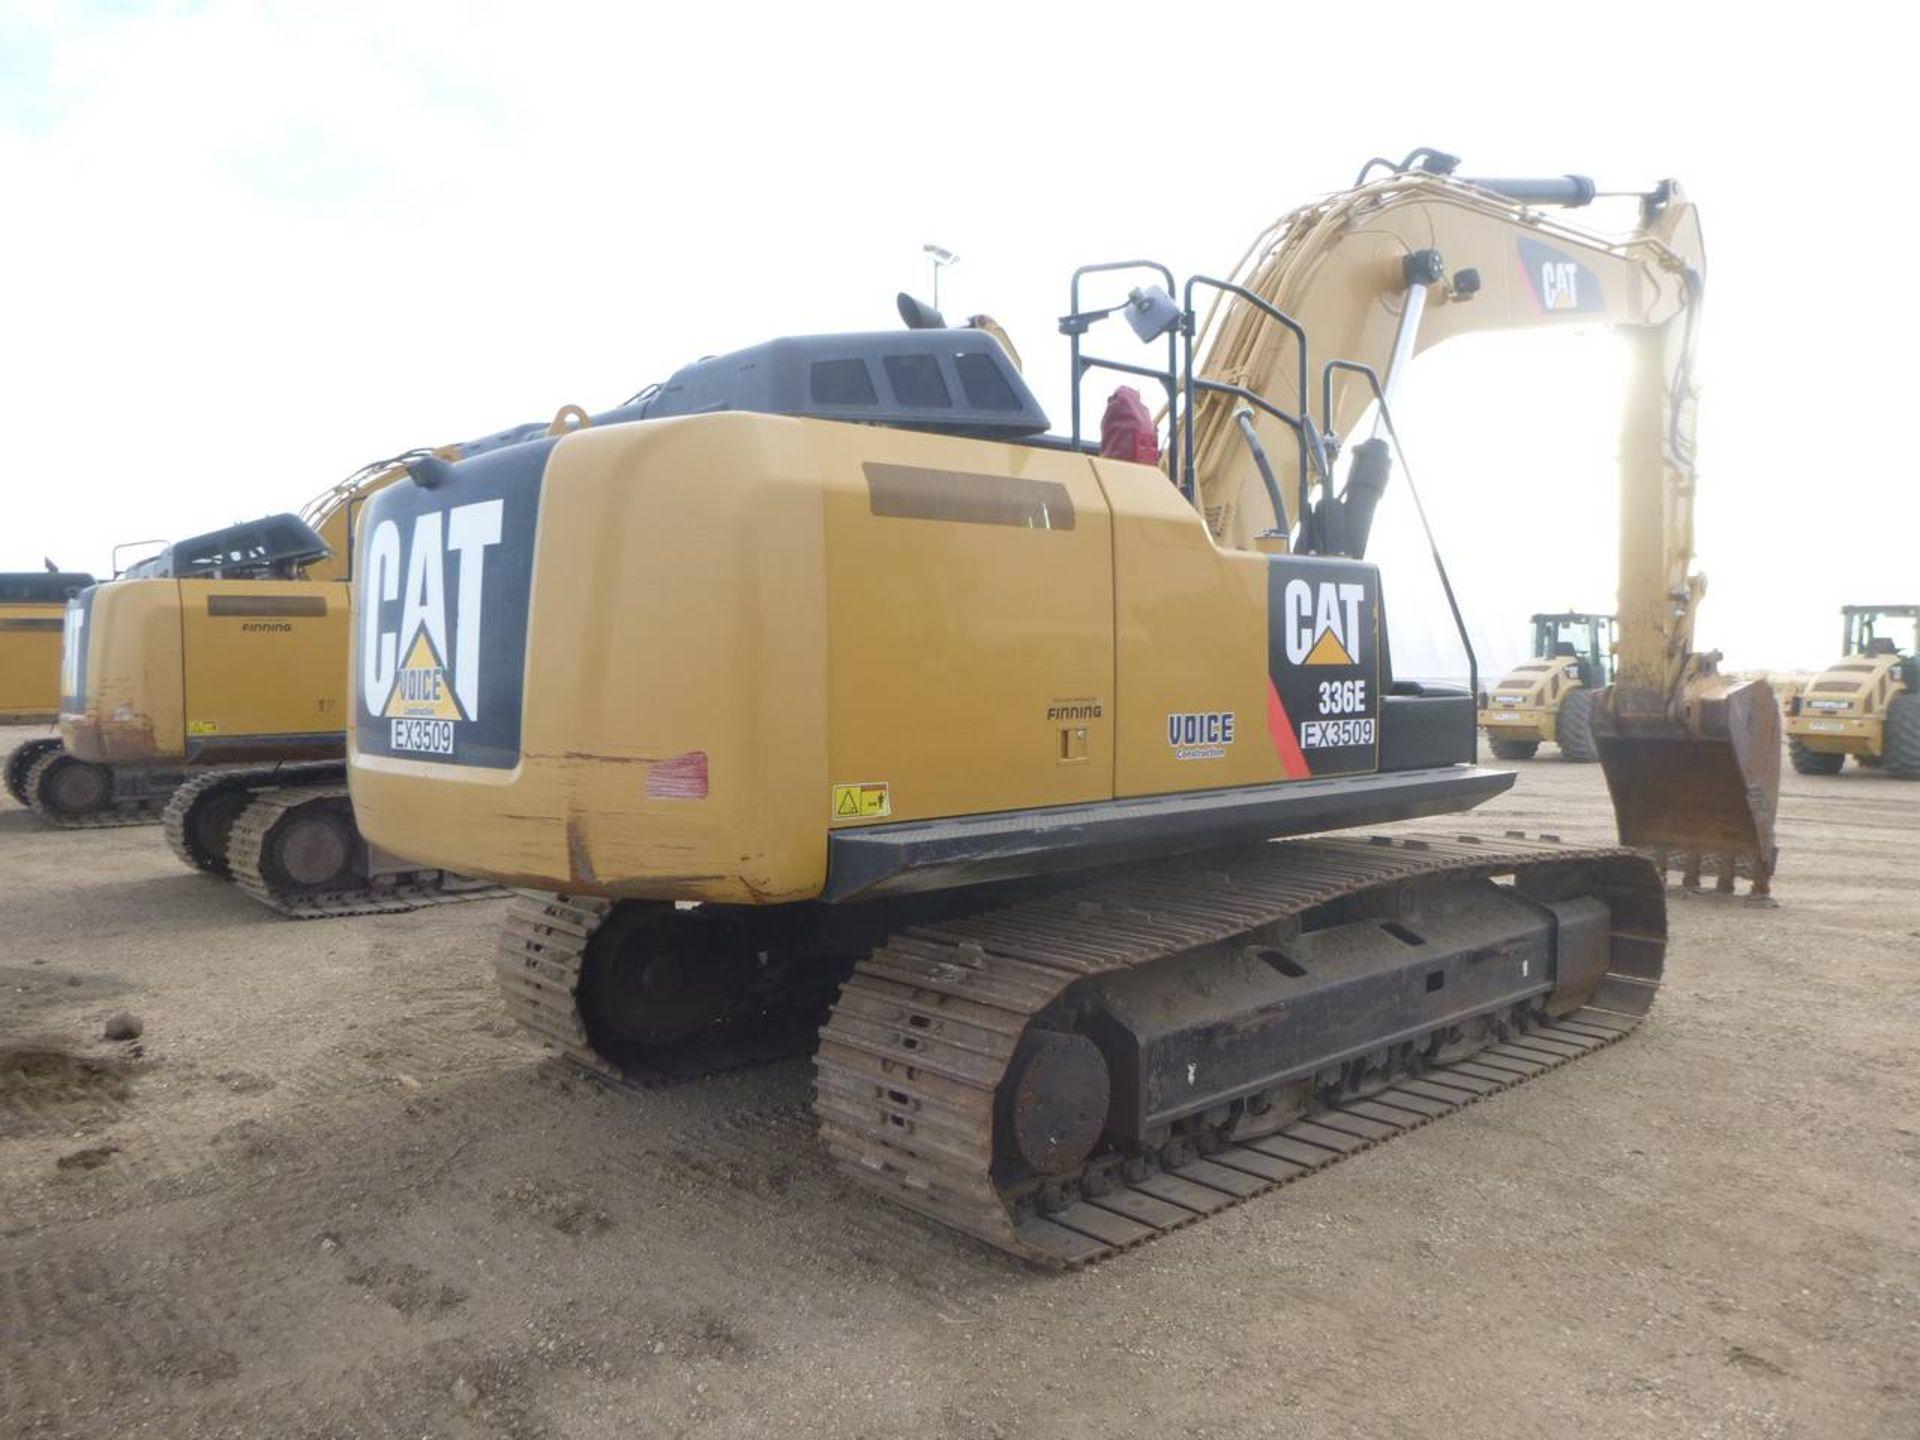 2013 Caterpillar 336ELH Excavator - Image 4 of 11